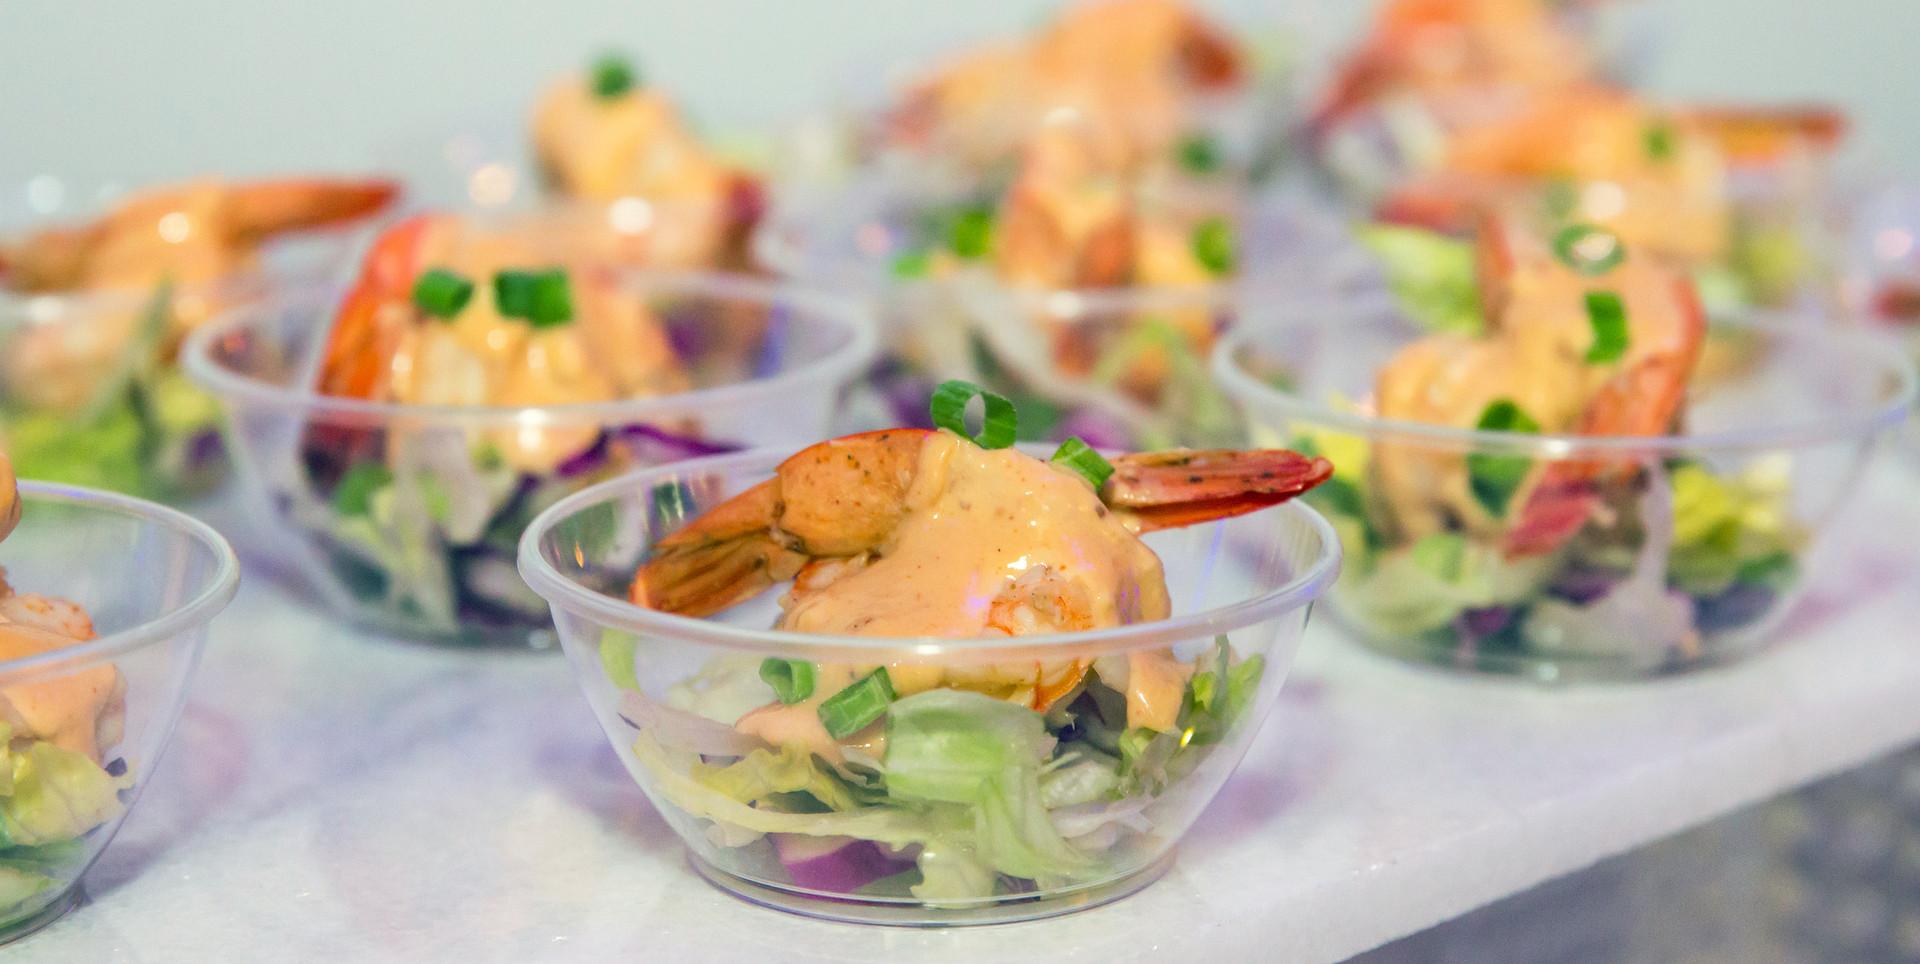 Jumbo shrimp remoulade